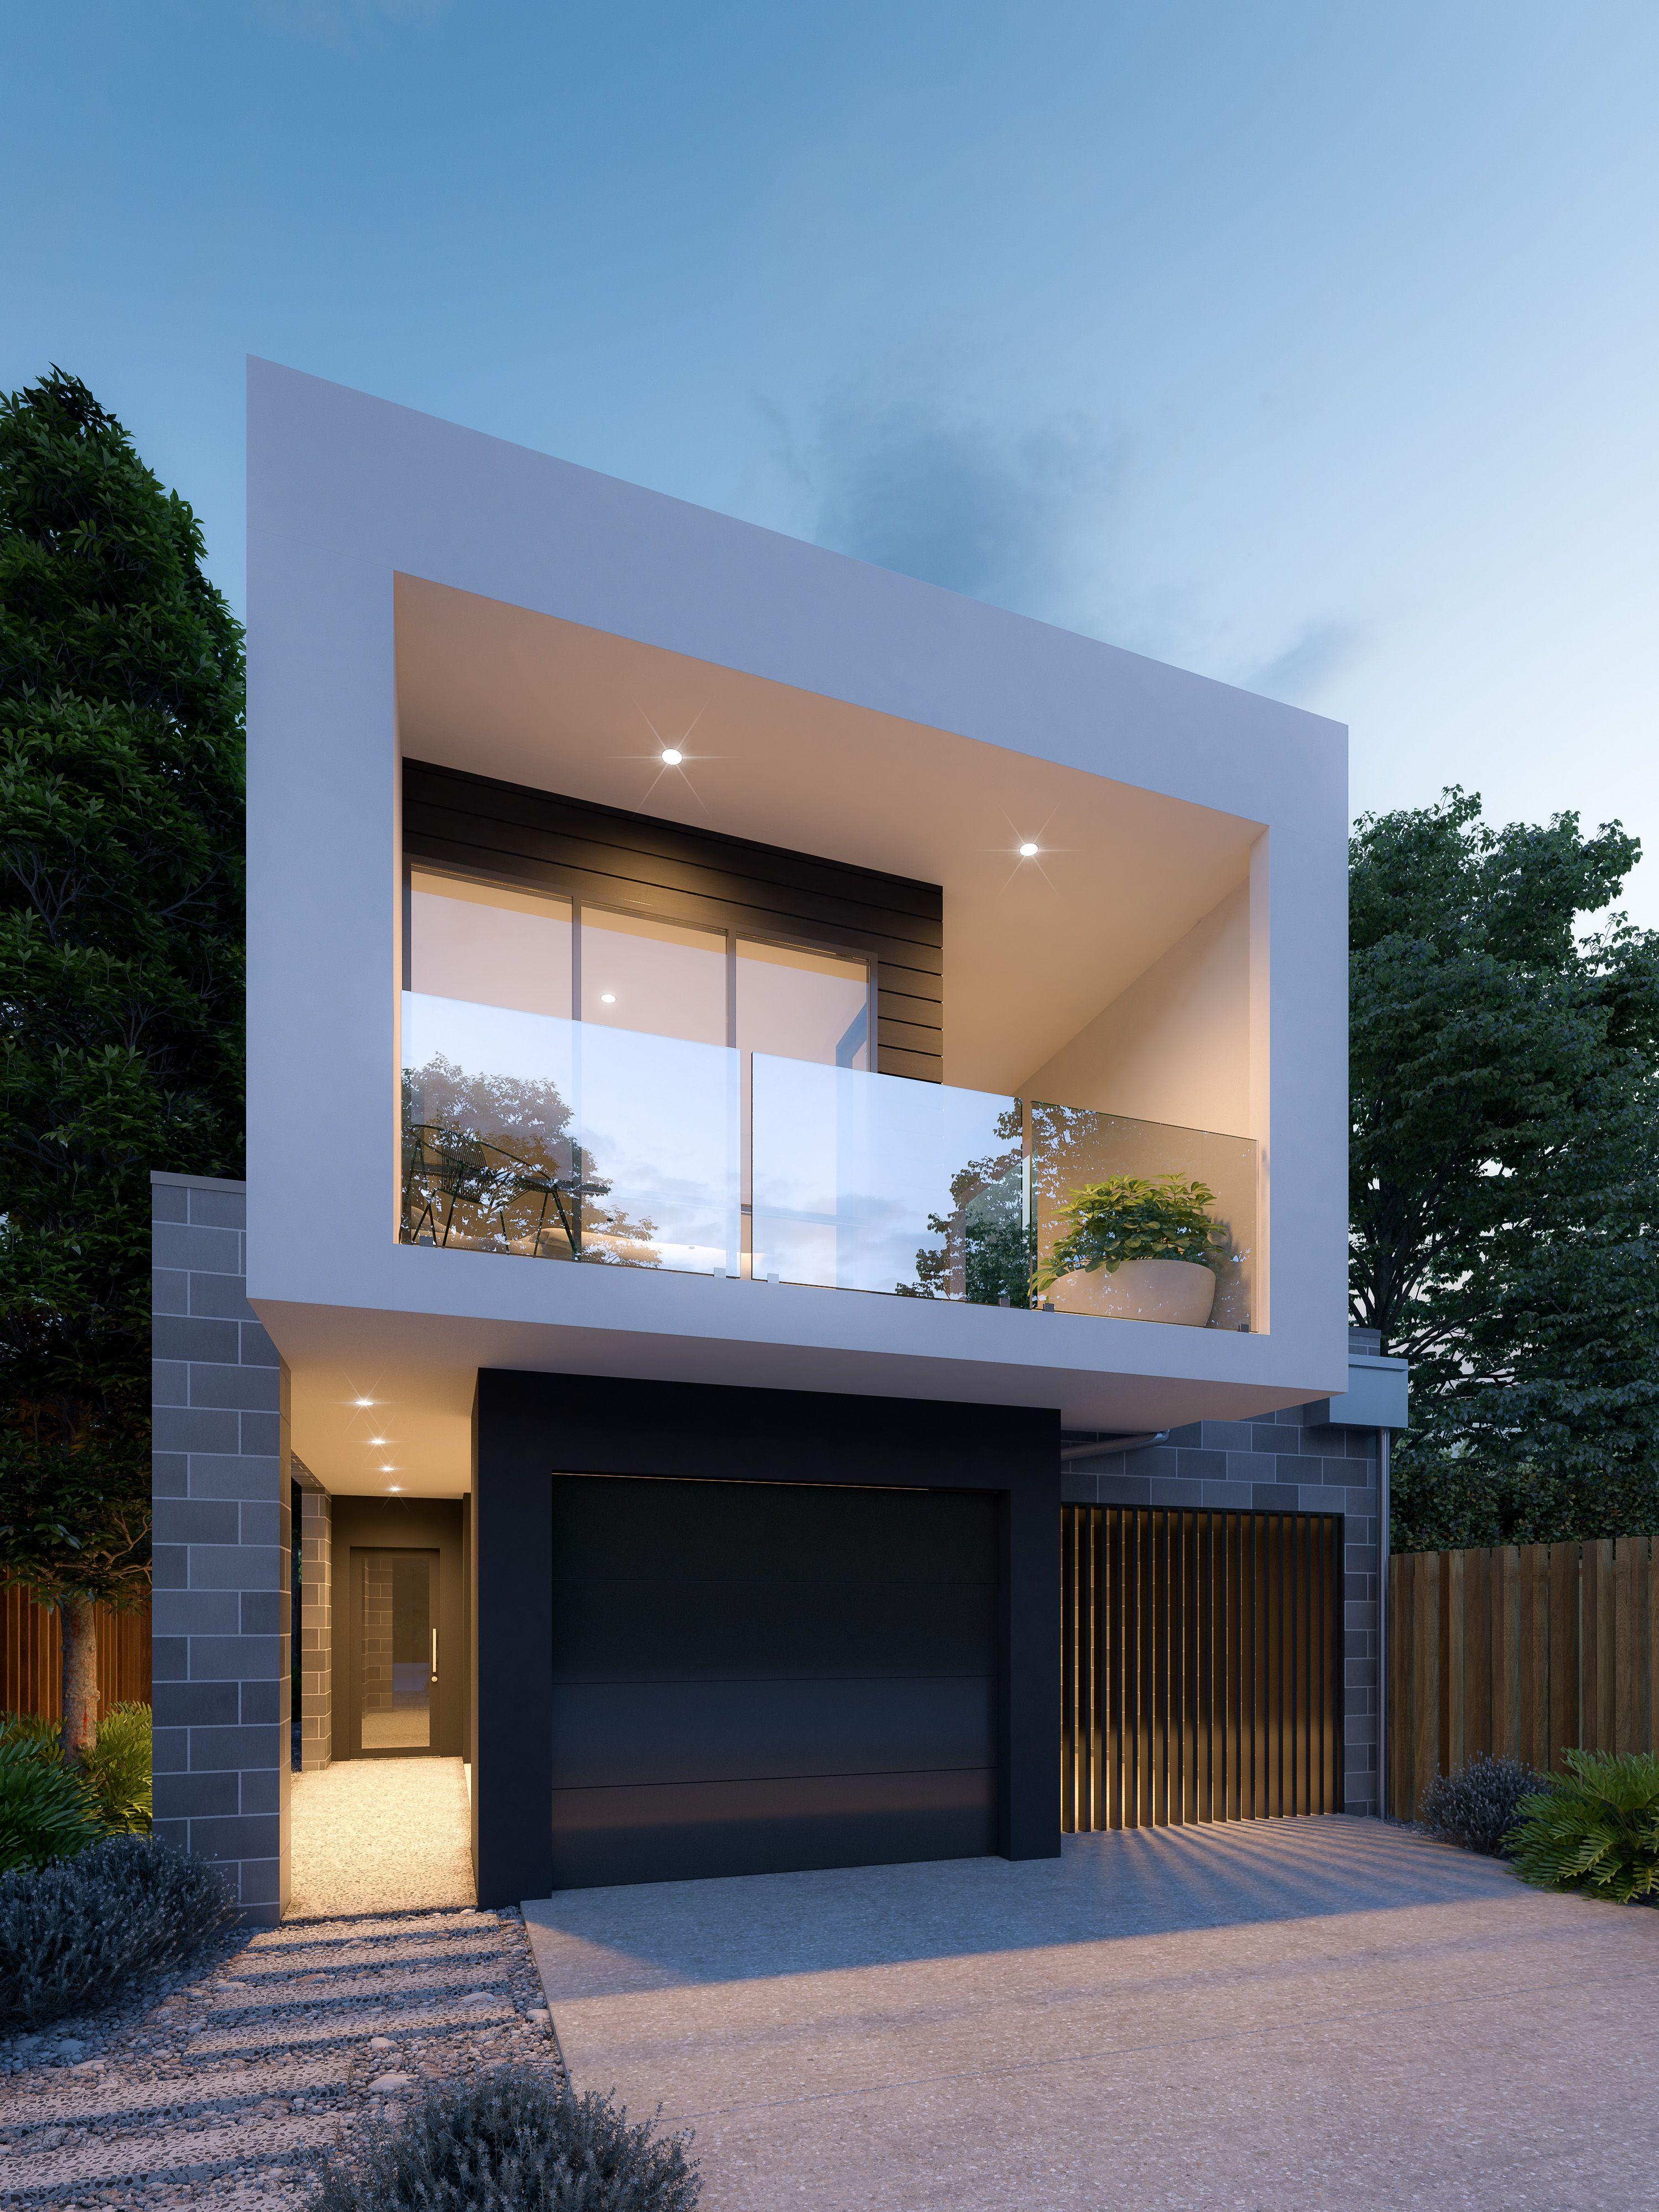 Si moderna casas modernas en 2019 casas contempor neas - Casas modernas de diseno ...